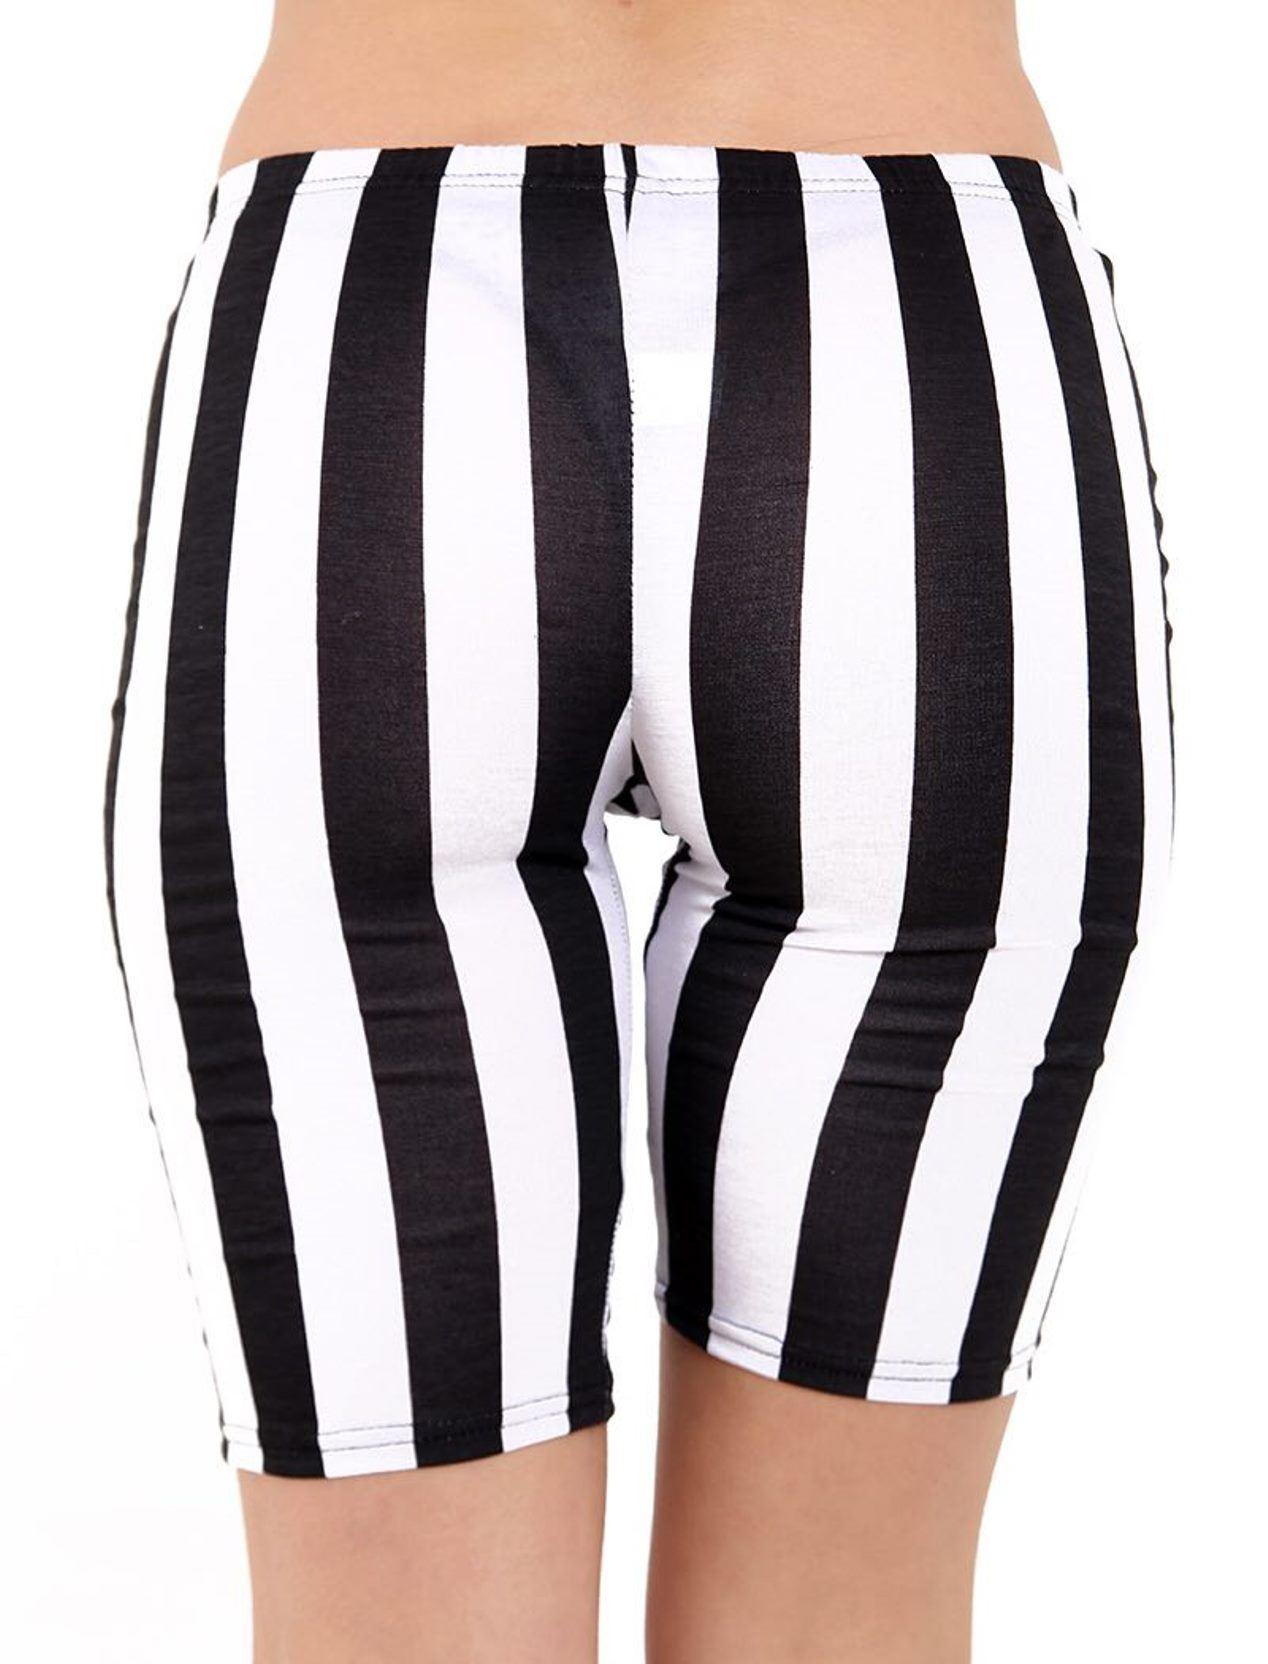 Nouveau femme shorts femmes stretch imprimé motif gym cyclisme short grande taille 8-26